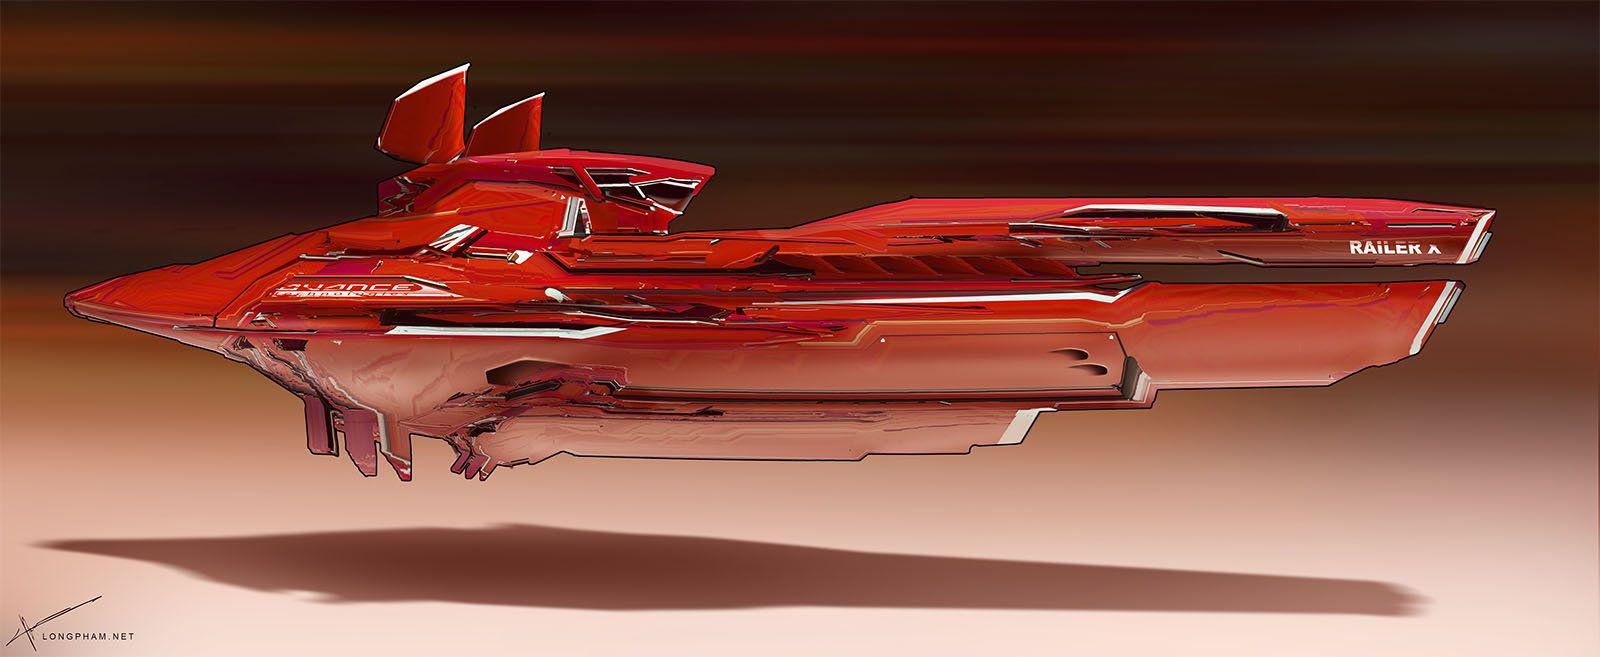 Racer ship - Red, Long Pham on ArtStation at http://www.artstation.com/artwork/racer-ship-red